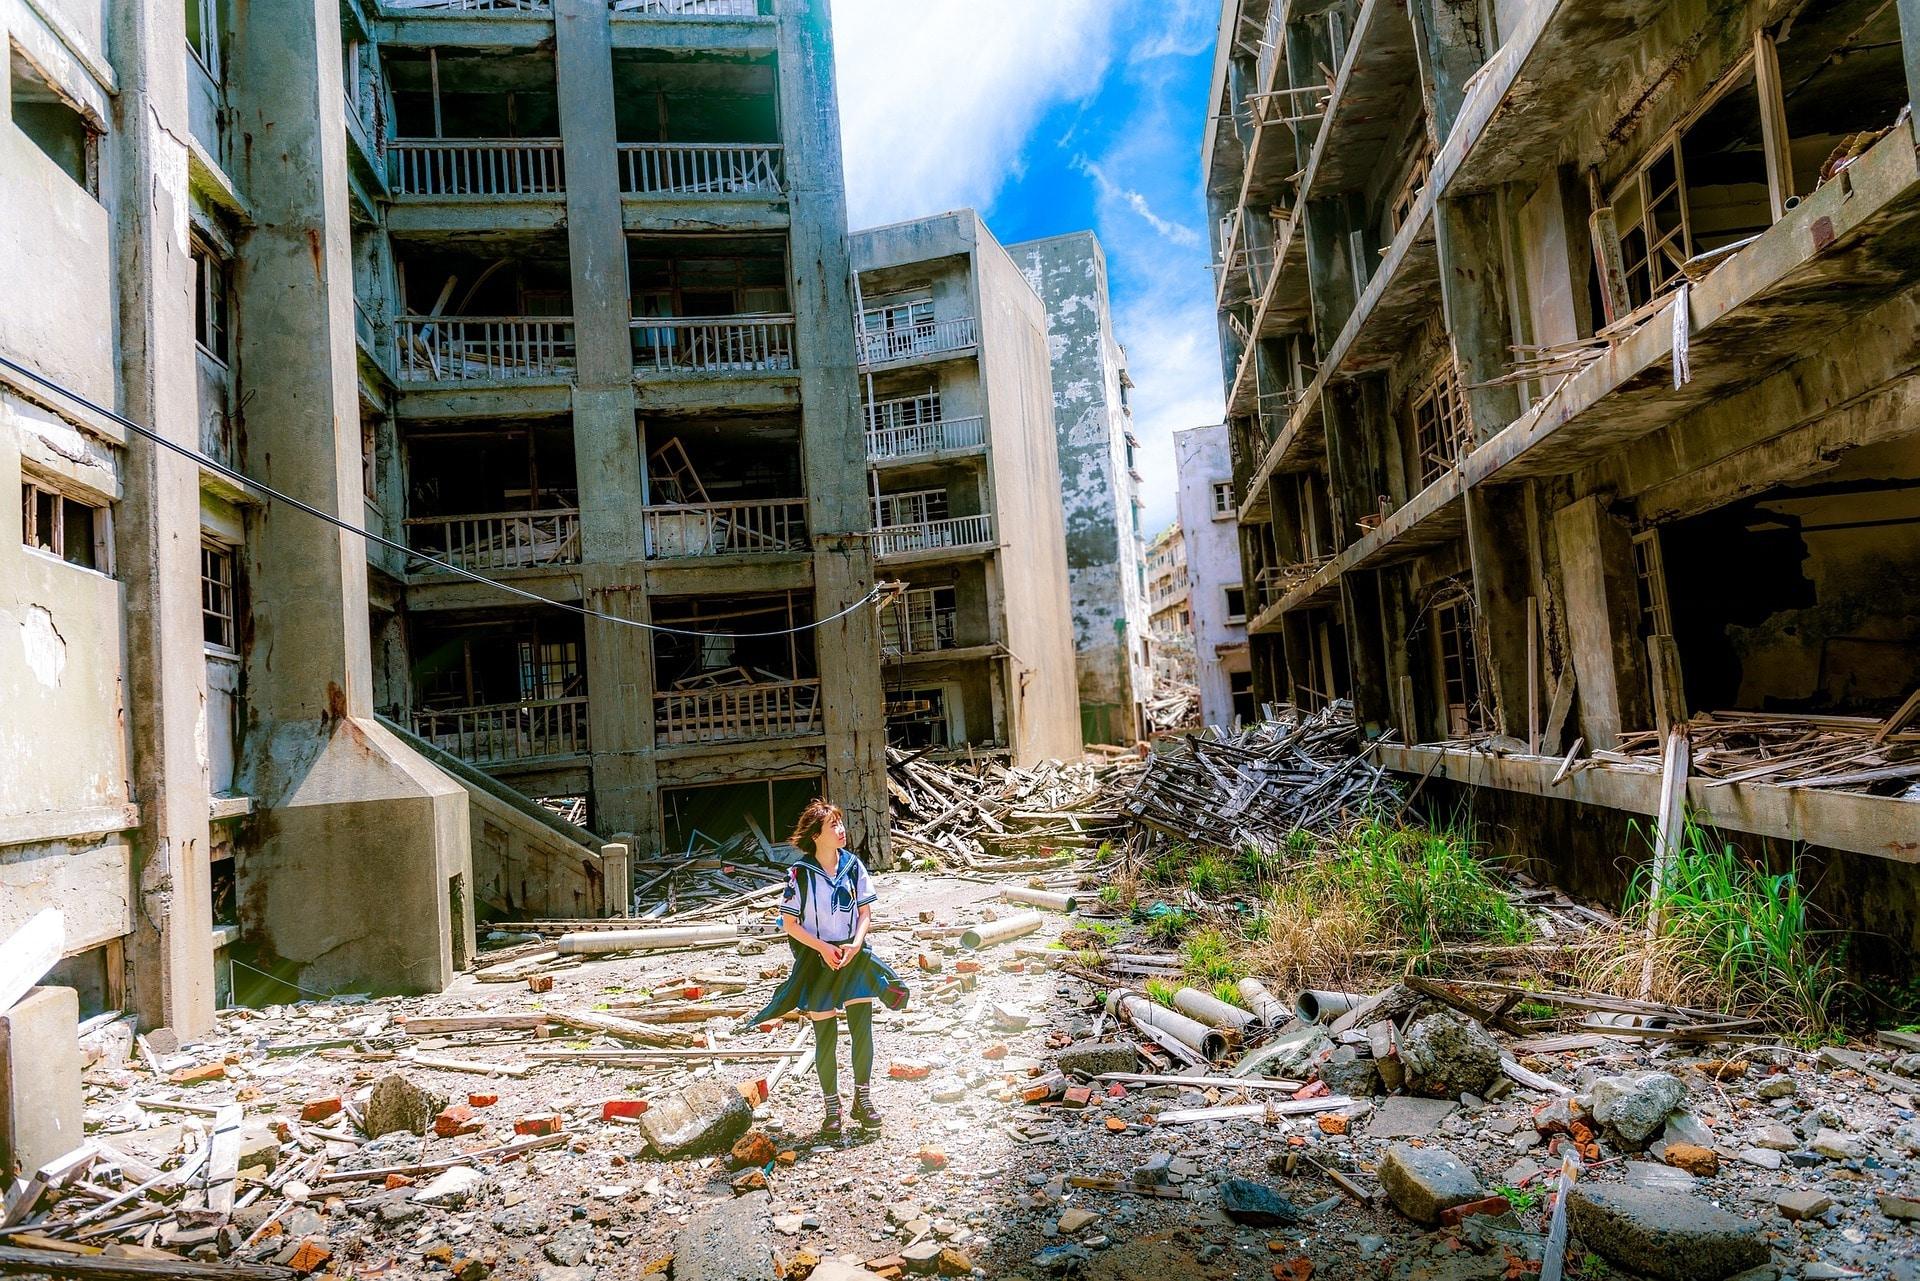 Menina parada em meio a prédios destruídos e caindo aos pedaços após catástrofe.